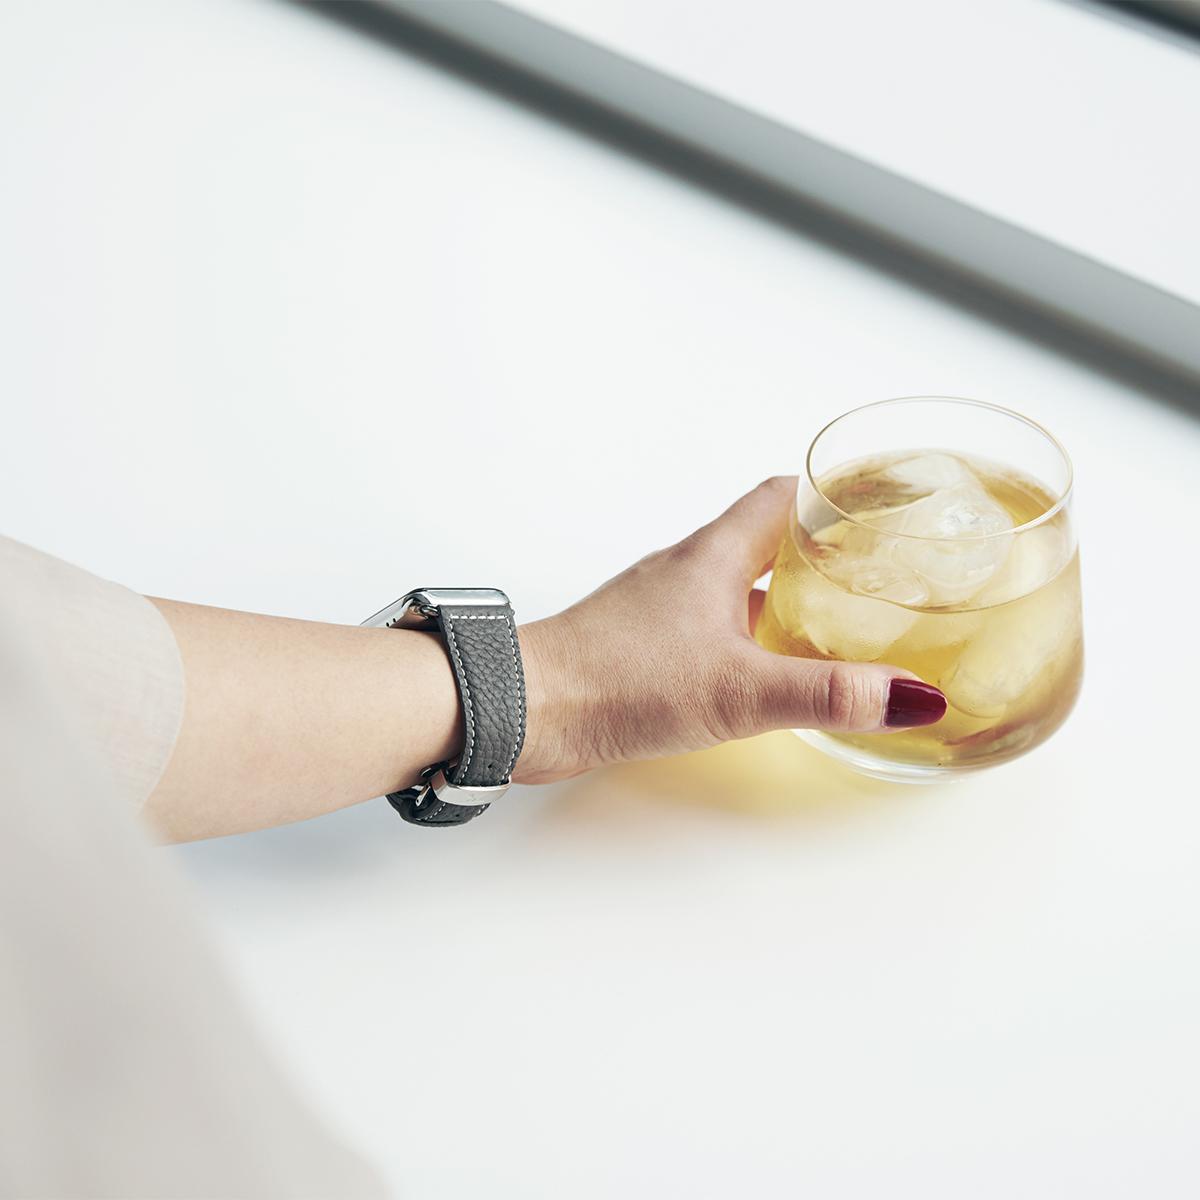 Apple Watchバンドから今日の装いを決めたくなる。大人の正装を引き立てる5色のカーフレザーの「Apple Watchバンド」|EPONAS(エポナス)